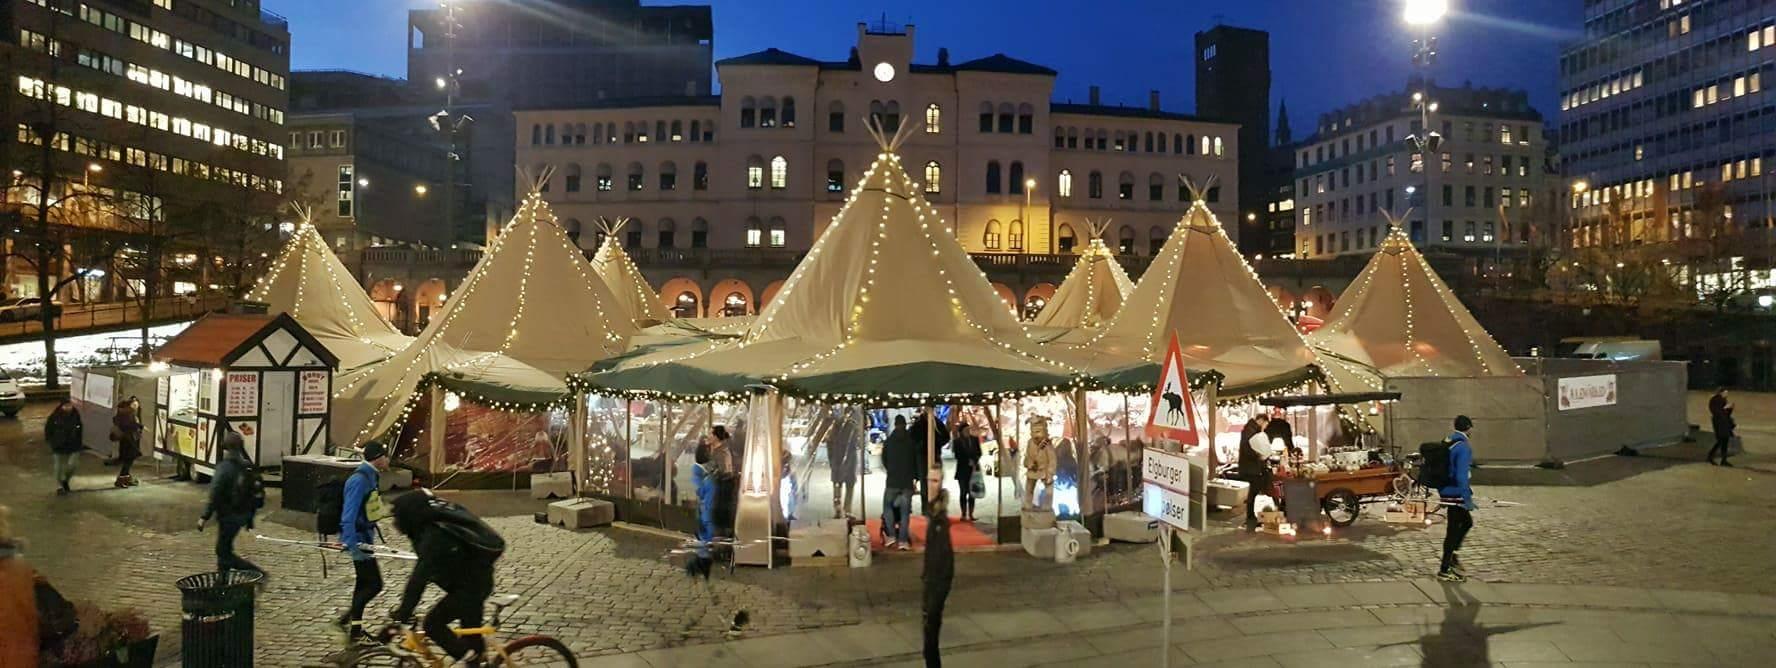 Julemarked på Youngstorget